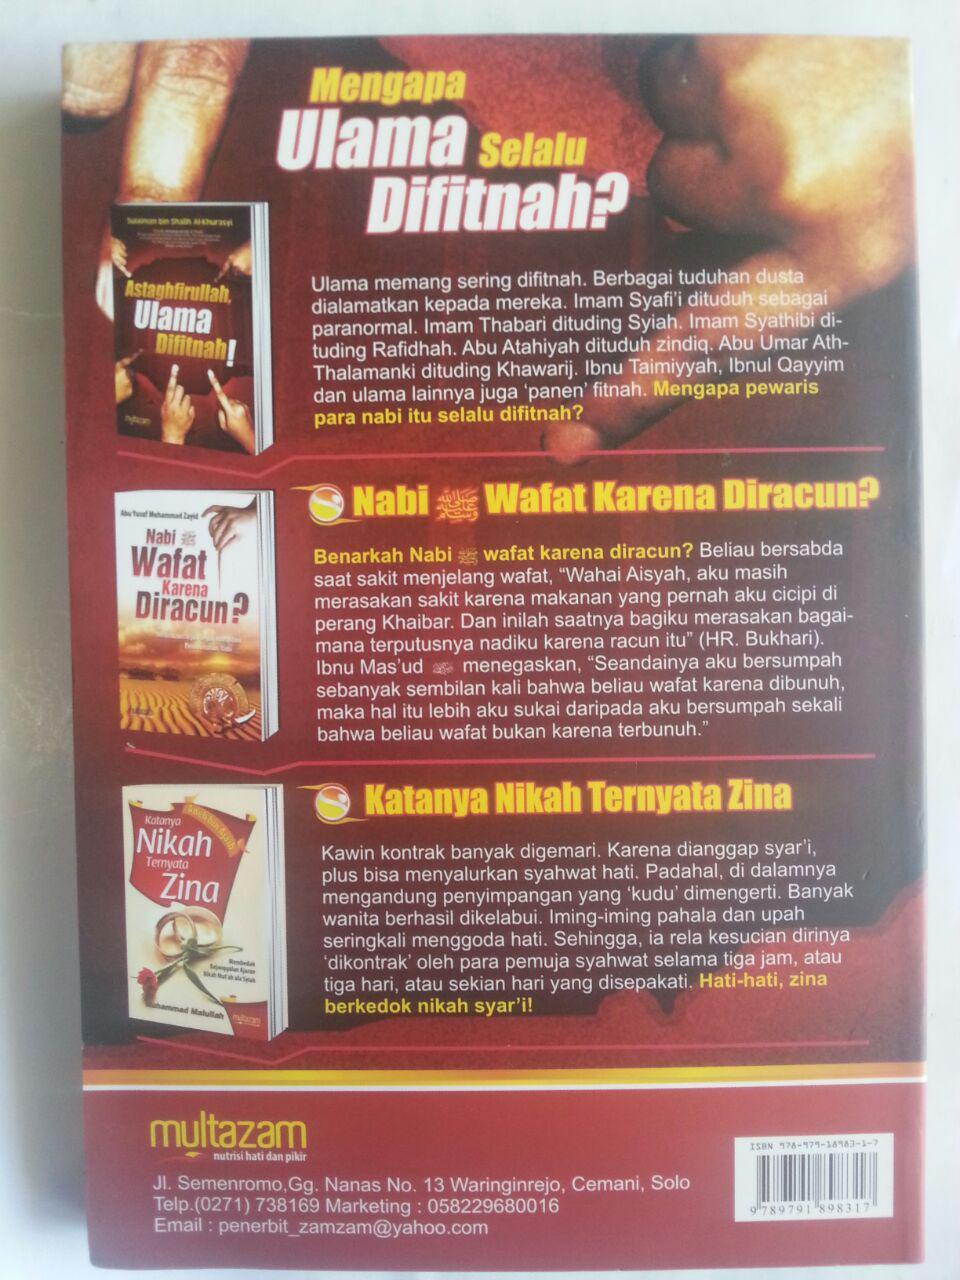 Buku Astaghfirullah Ulama Difitnah cover